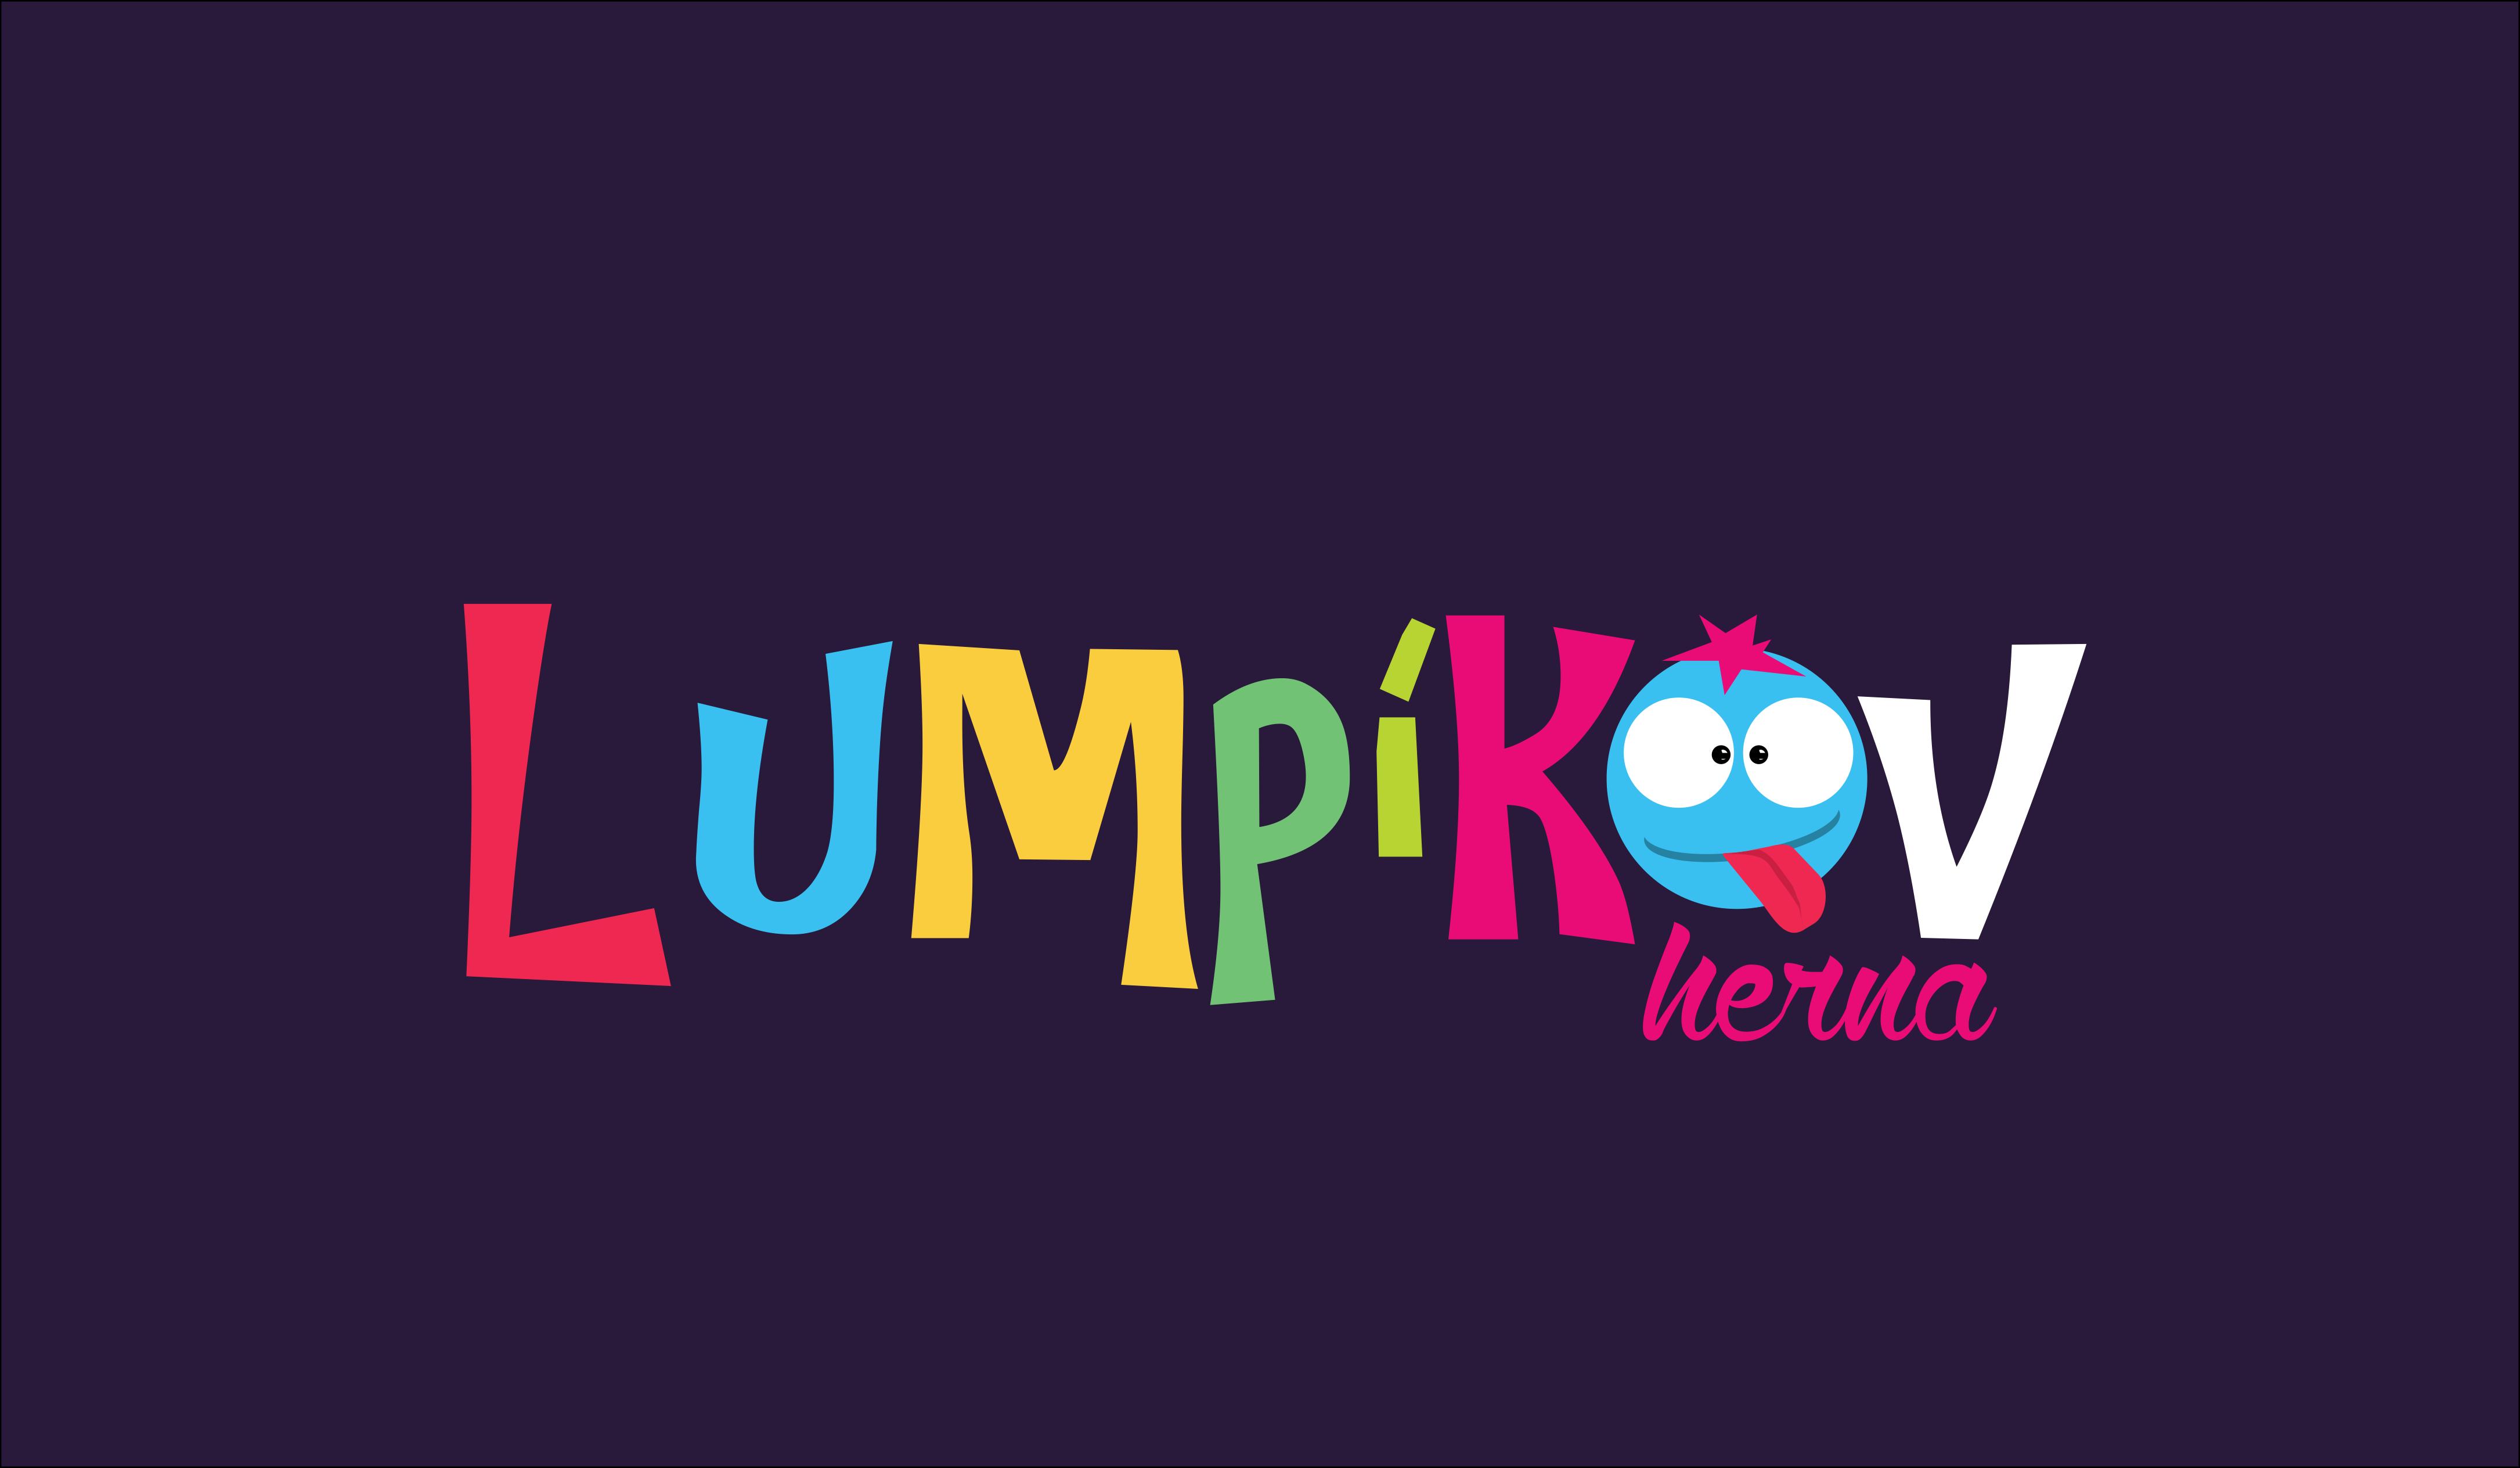 Herna Lumpíkov